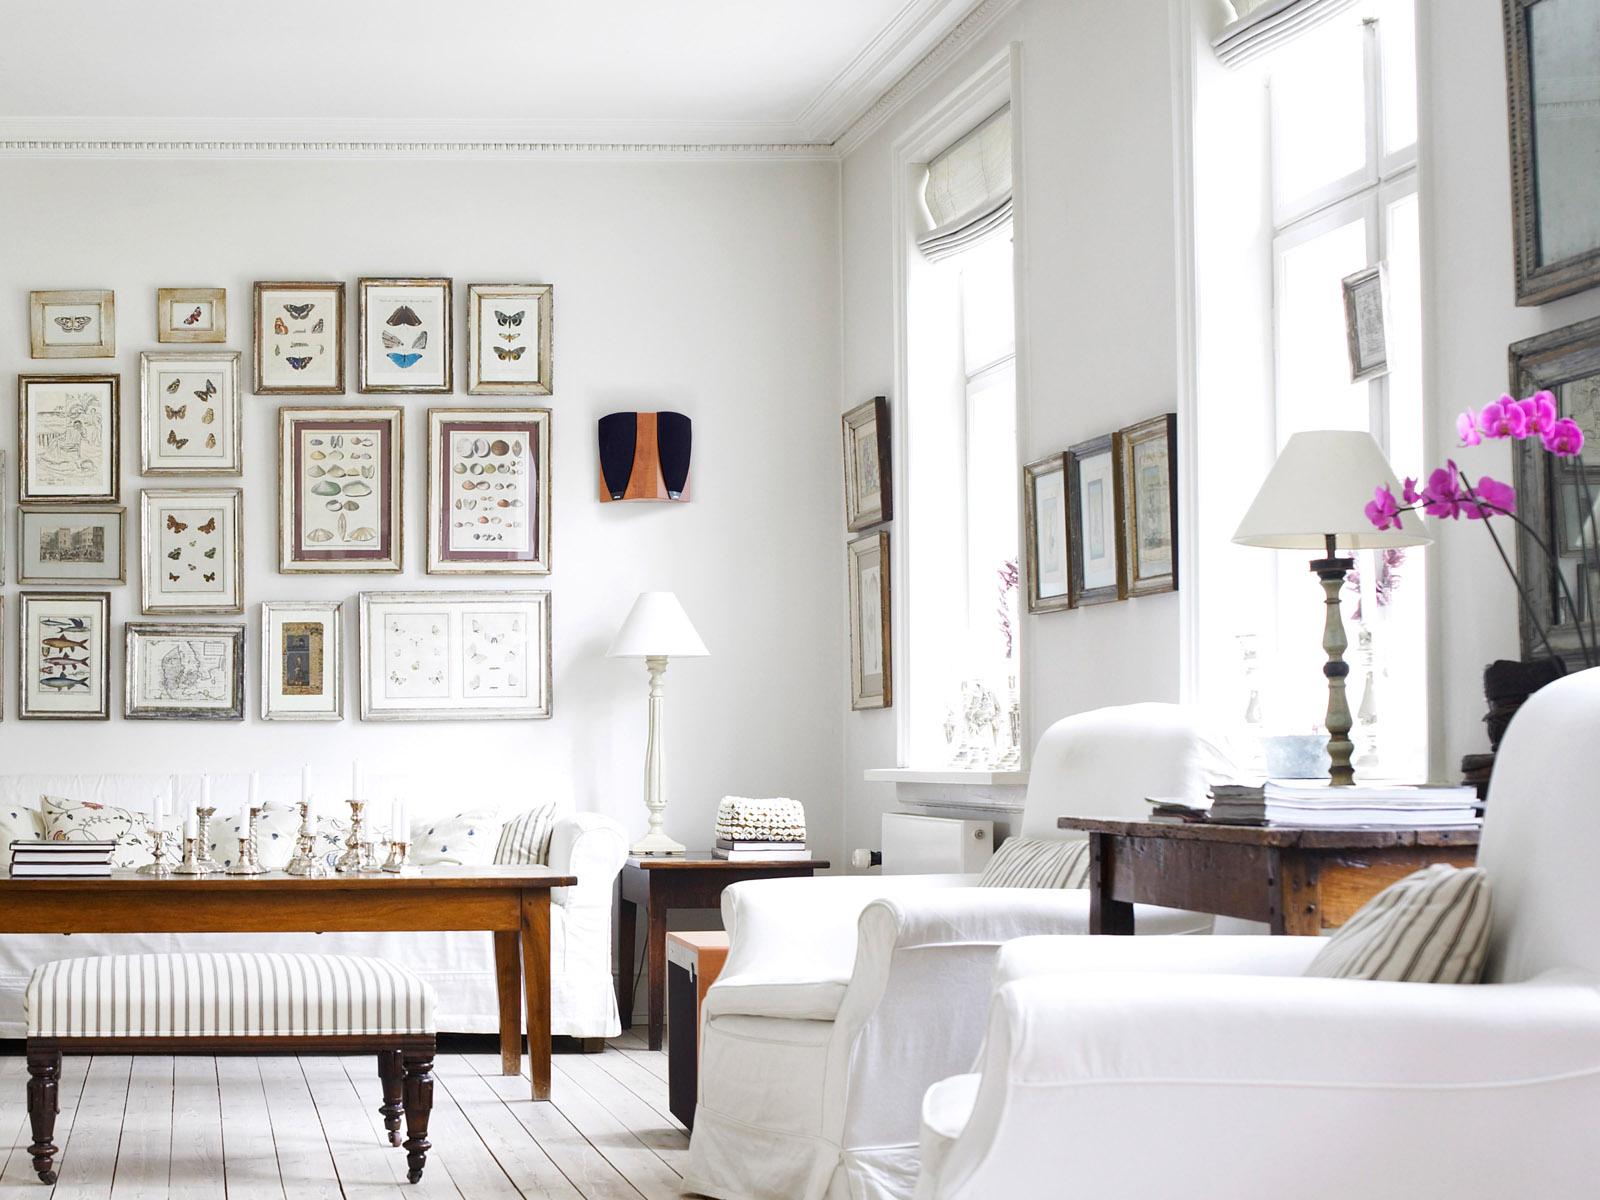 home-interior-modern-house-design-blogs-philippines-house-design-blogs-home-design-blogs-new-york-design-blogs-with-house-tours-home-design-blog-vintage-house-design-blog-uk-home-design-blogs-u